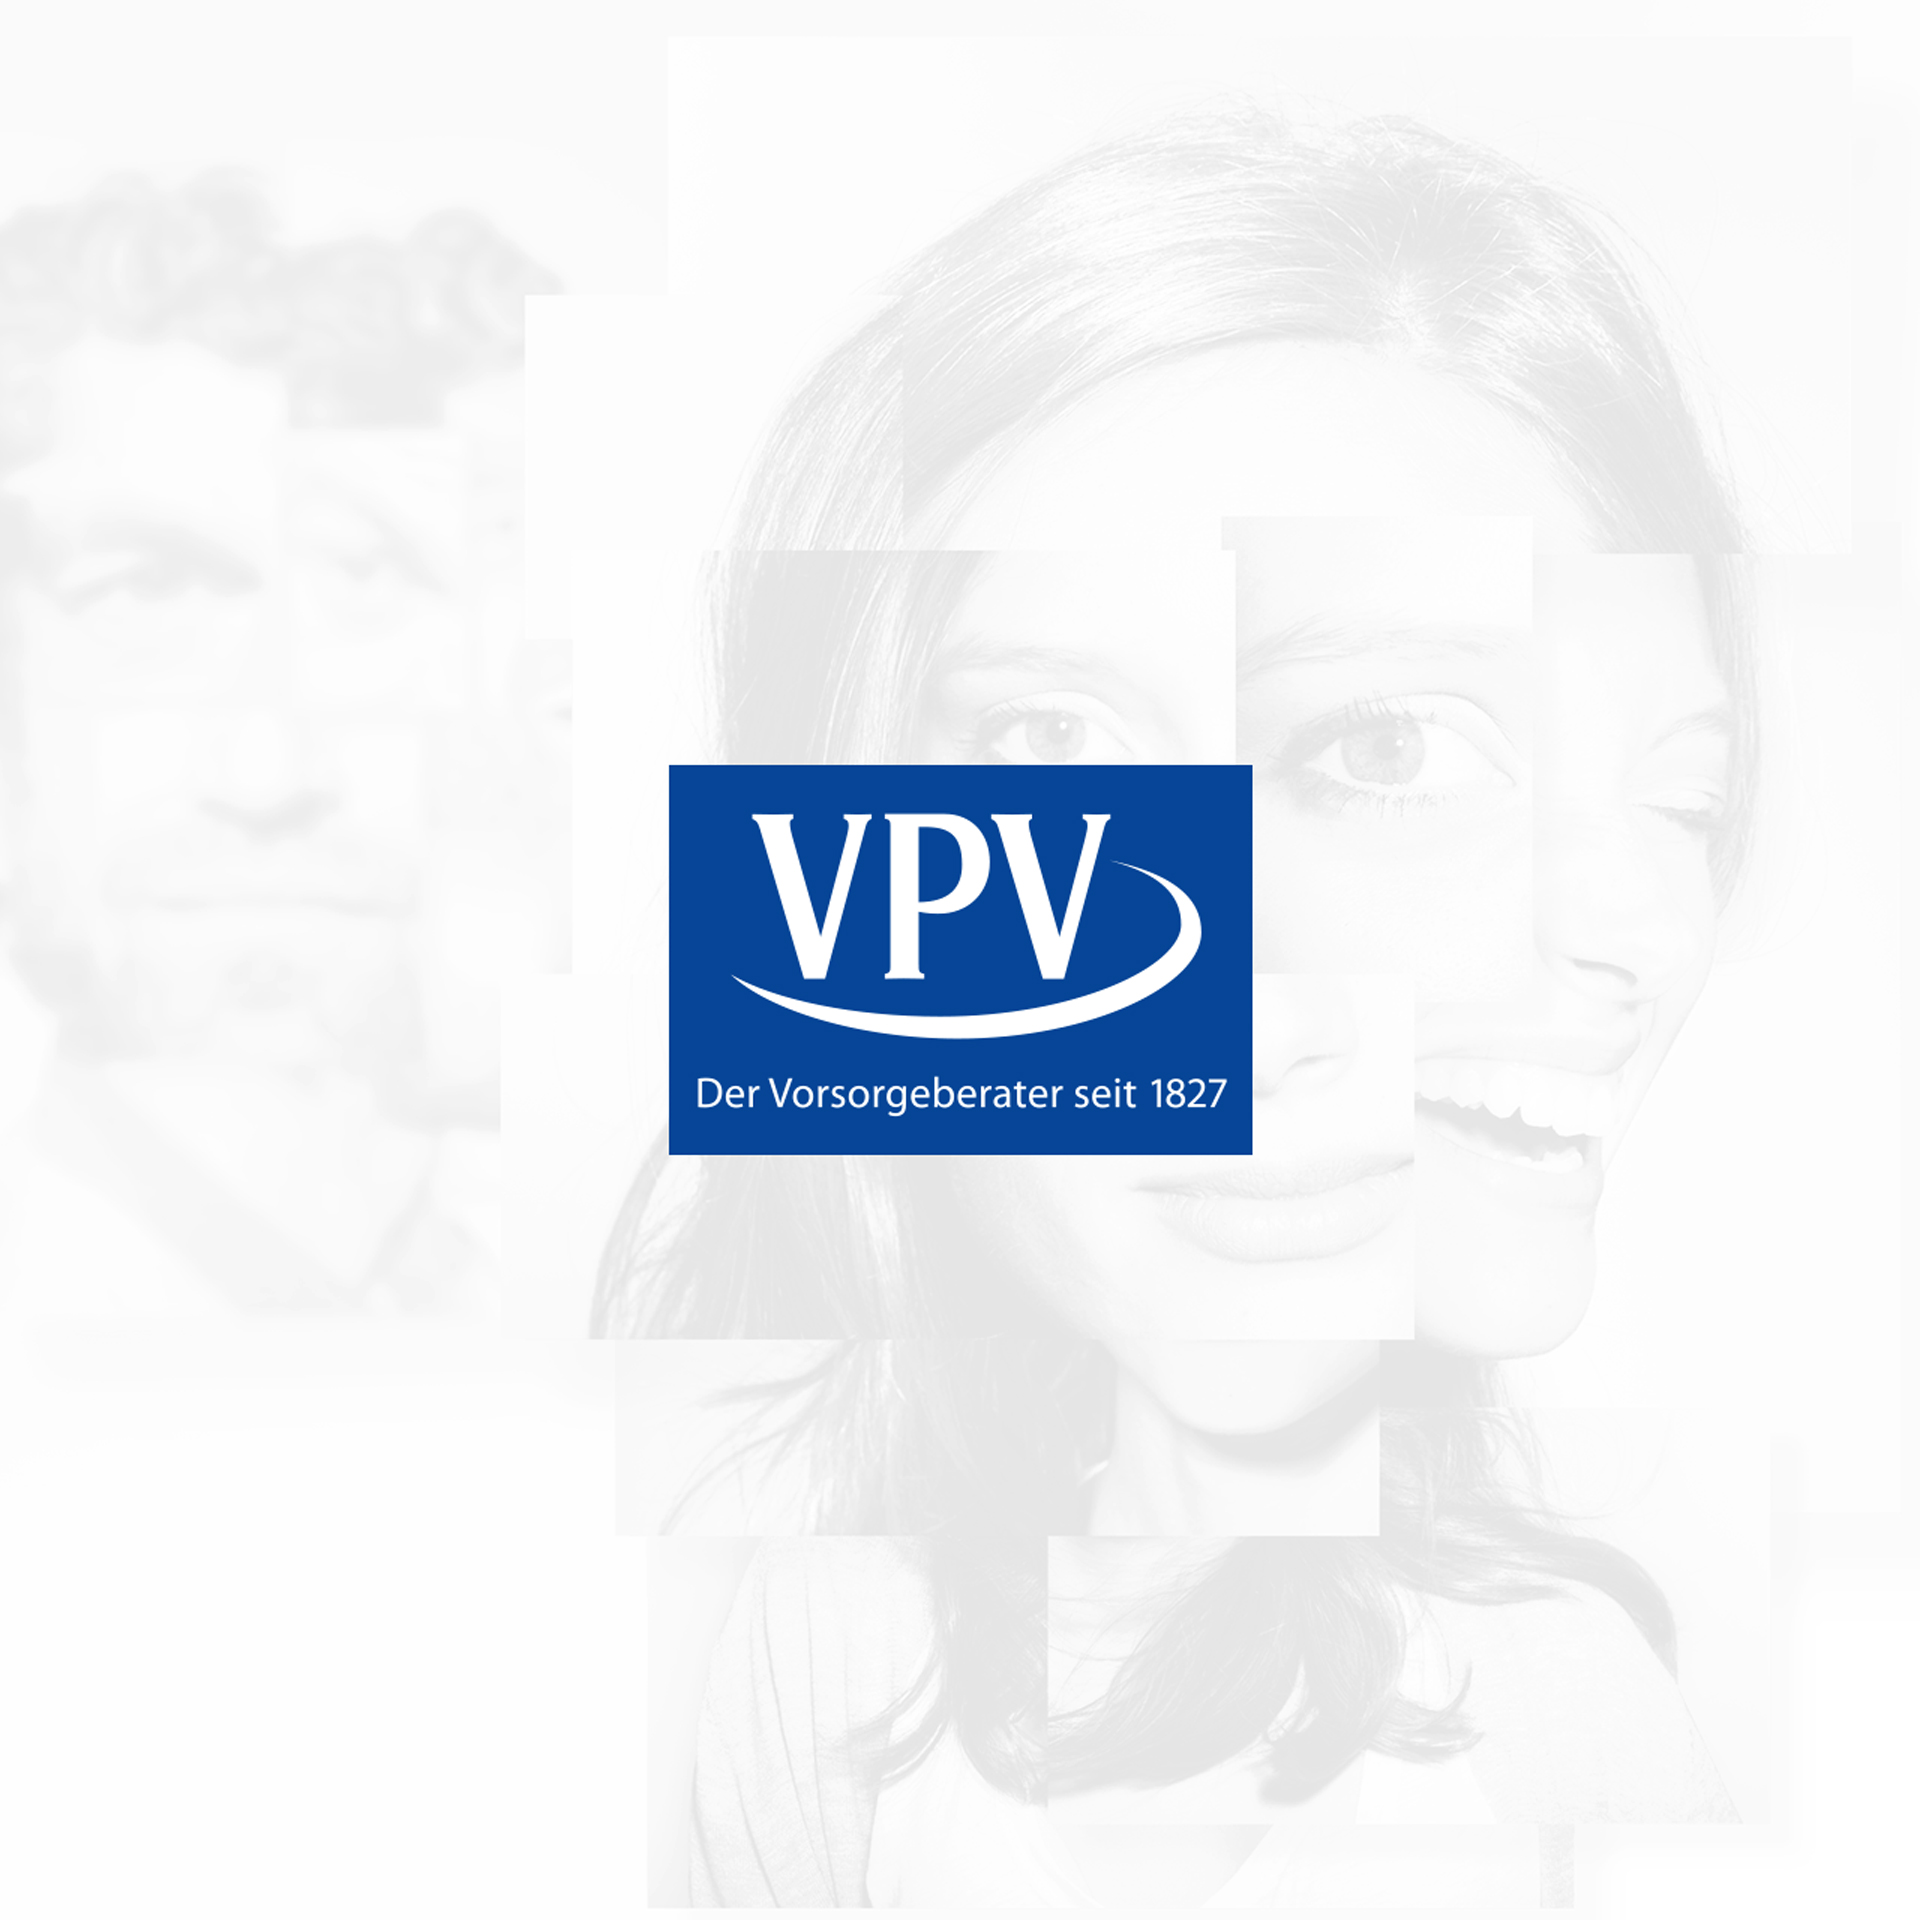 Referenz VPV